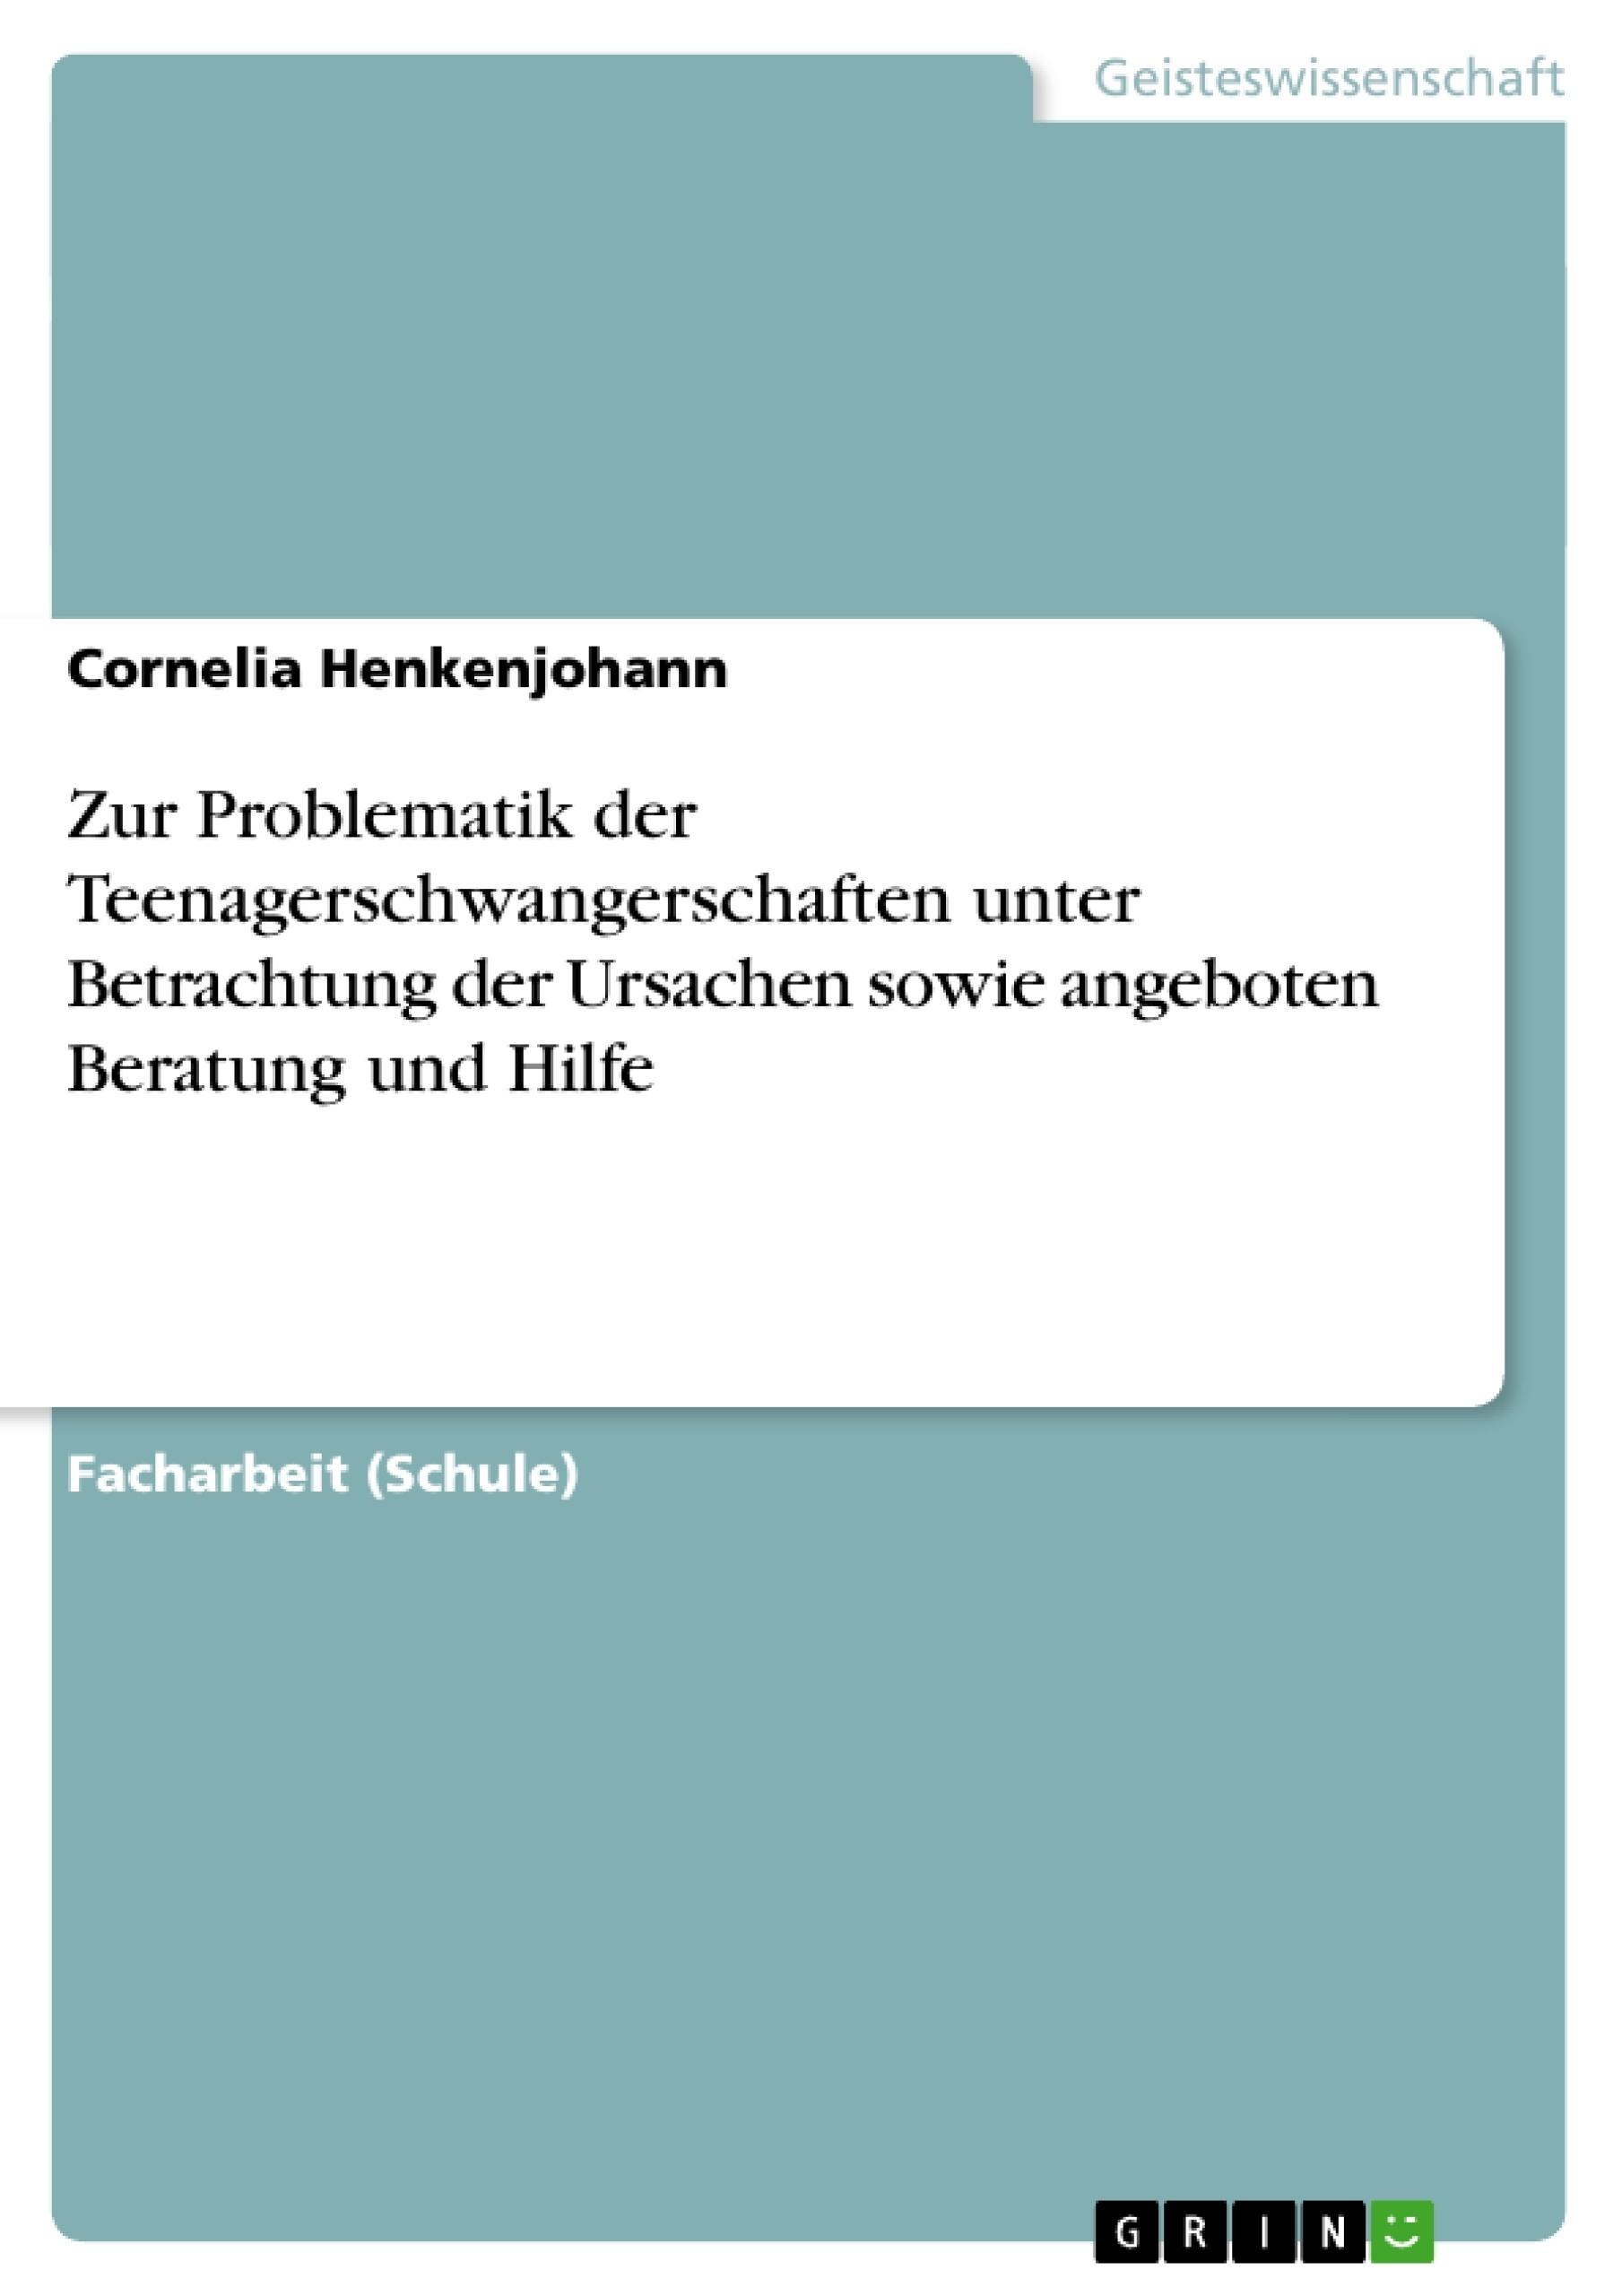 Titel: Zur Problematik der Teenagerschwangerschaften unter Betrachtung der Ursachen sowie angeboten Beratung und Hilfe